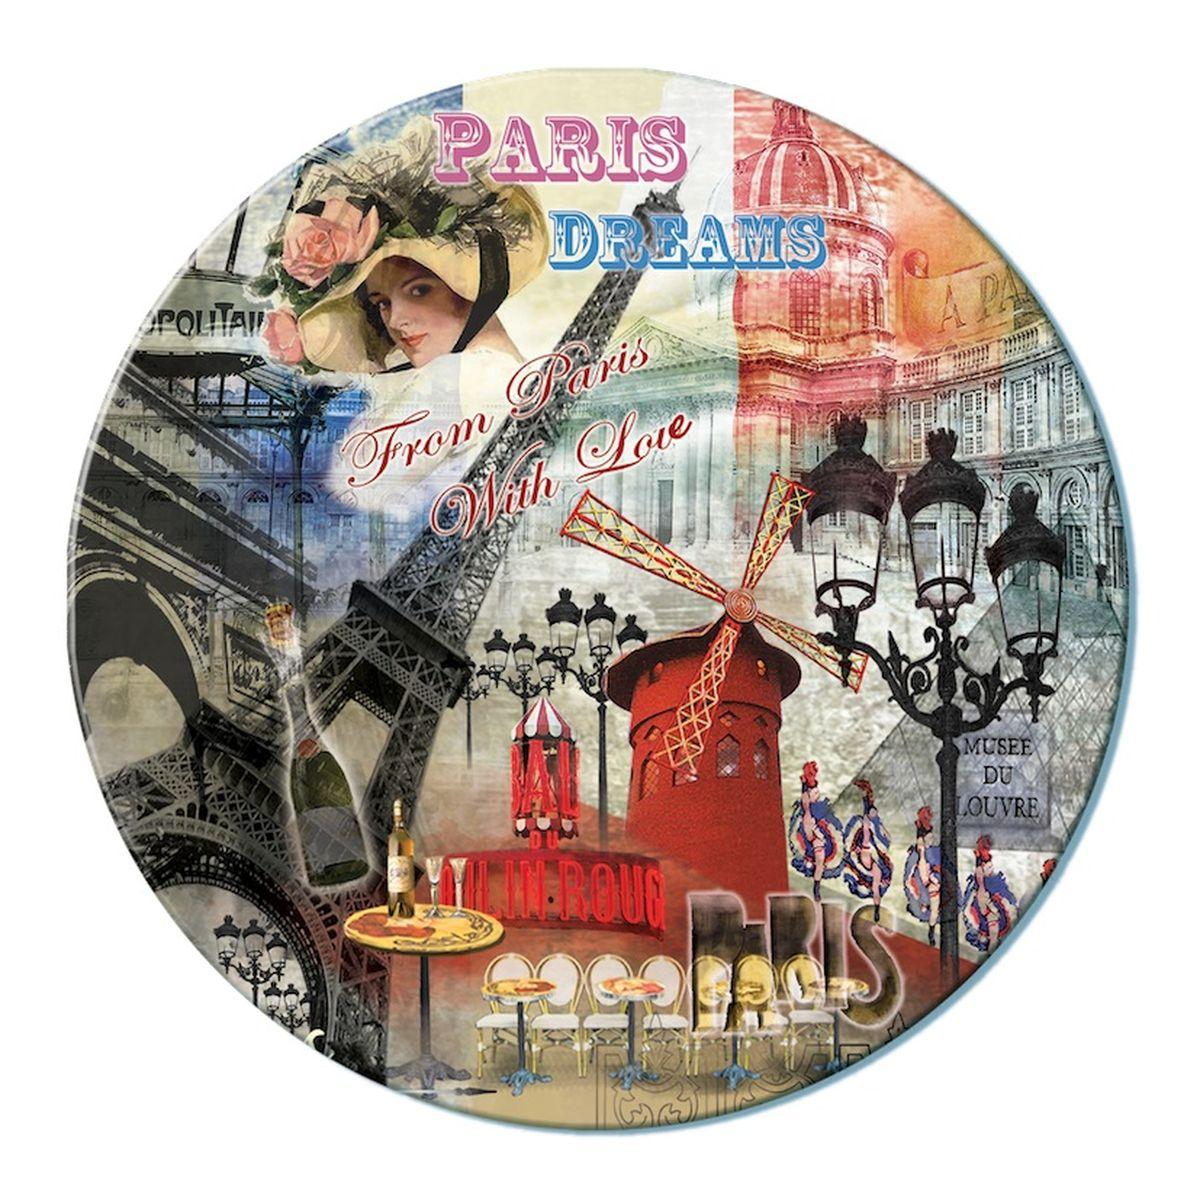 Доска разделочная GiftnHome Парижские фантазии, стеклянная, диаметр 19 смRCB-PDREAMSРазделочная доска GiftnHome Парижские фантазии выполнена из жароустойчивого стекла. Изделие, украшенное красочным изображением достопримечательностей Парижа, идеально впишется в интерьер современной кухни. Специальное покрытие вкладыша обеспечивает стойкость к влаге и высоким температурам. Изделие легко чистить от пятен и жира. Также доску можно применять как подставку под горячее.Разделочная доска GiftnHome Парижские фантазии украсит ваш стол и сбережет его от воздействия высоких температур ваших кулинарных шедевров. Можно мыть в посудомоечной машине.Диаметр доски: 19 см. Толщина доски: 0,4 см.